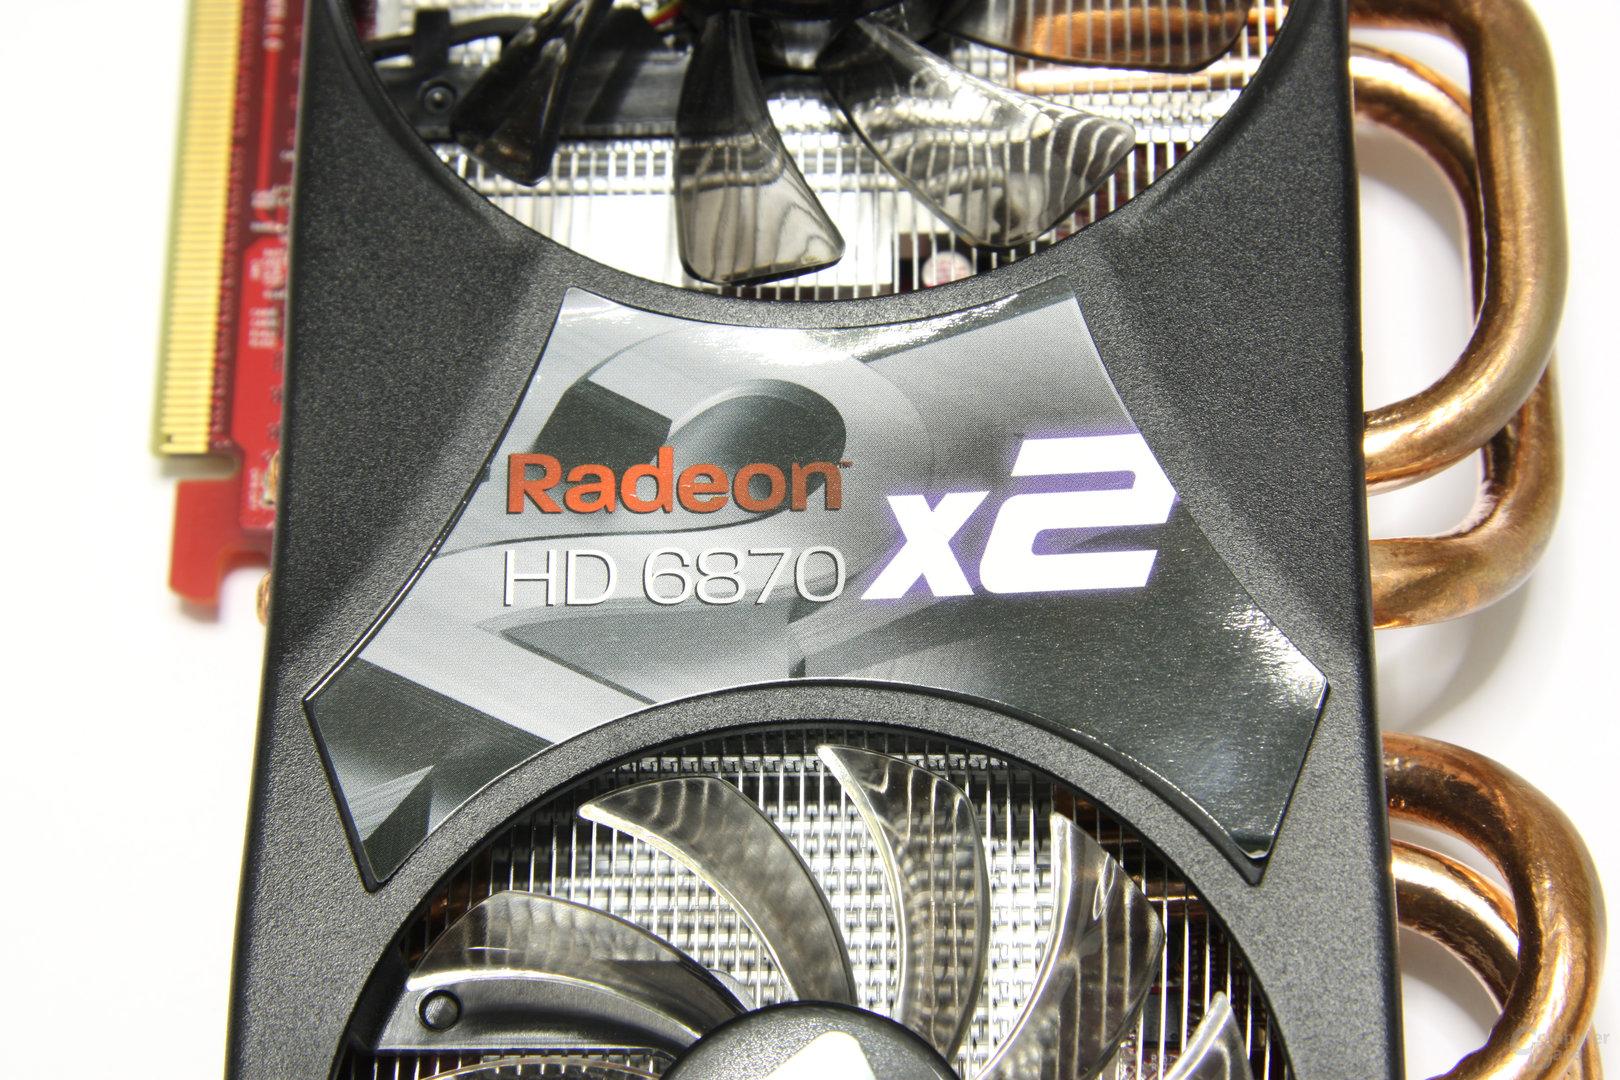 Radeon HD 6870 X2 Logo